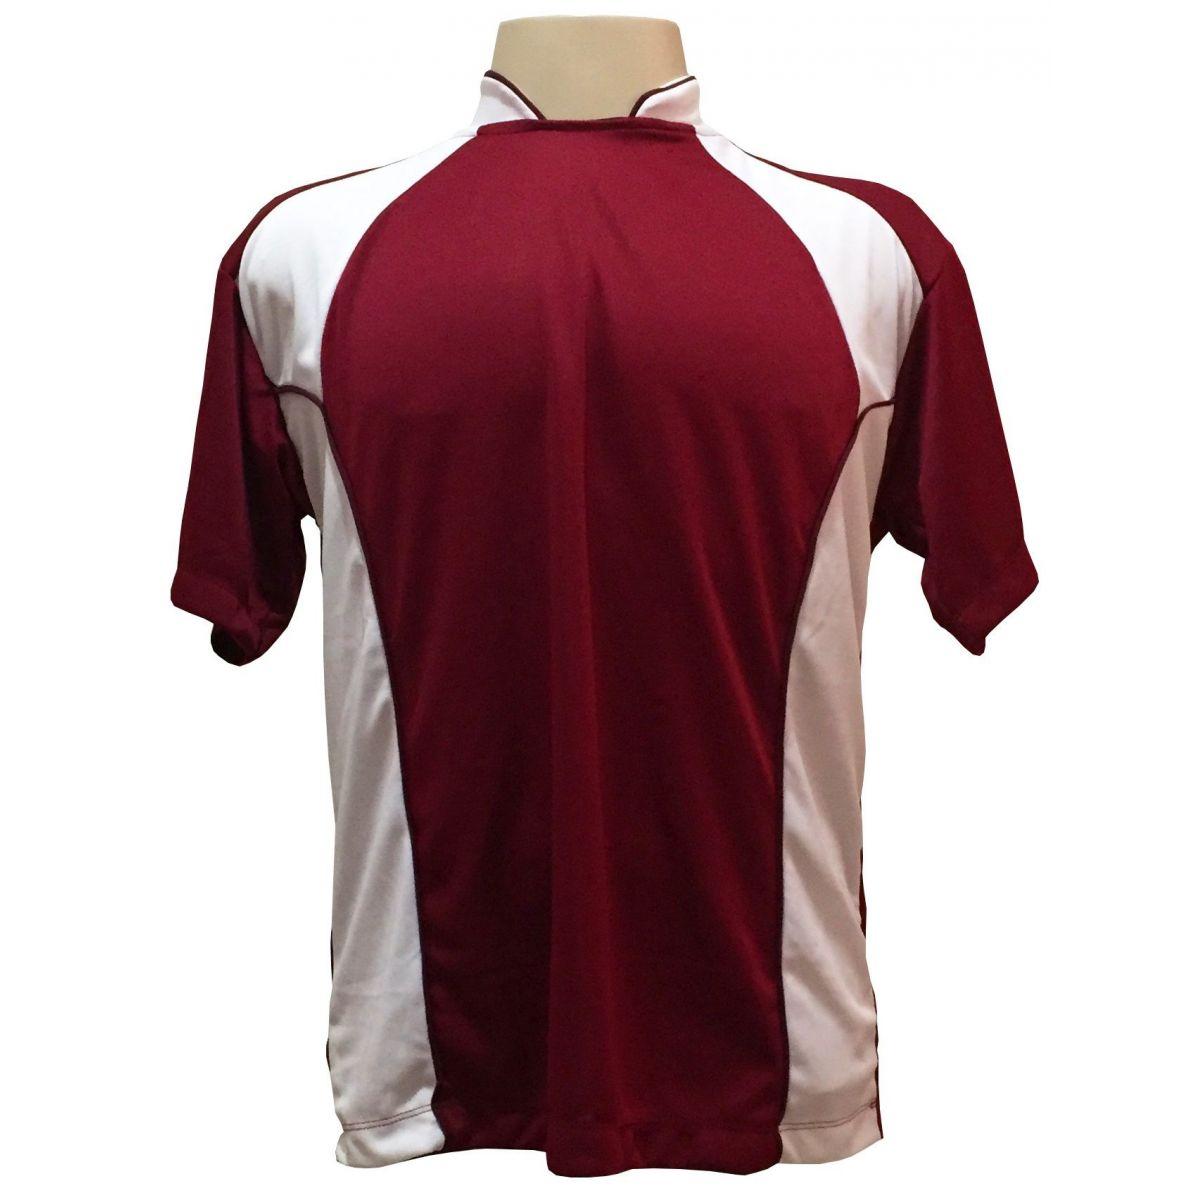 Uniforme Esportivo com 14 camisas modelo Suécia Vinho/Branco + 14 calções modelo Madrid Branco + Brindes